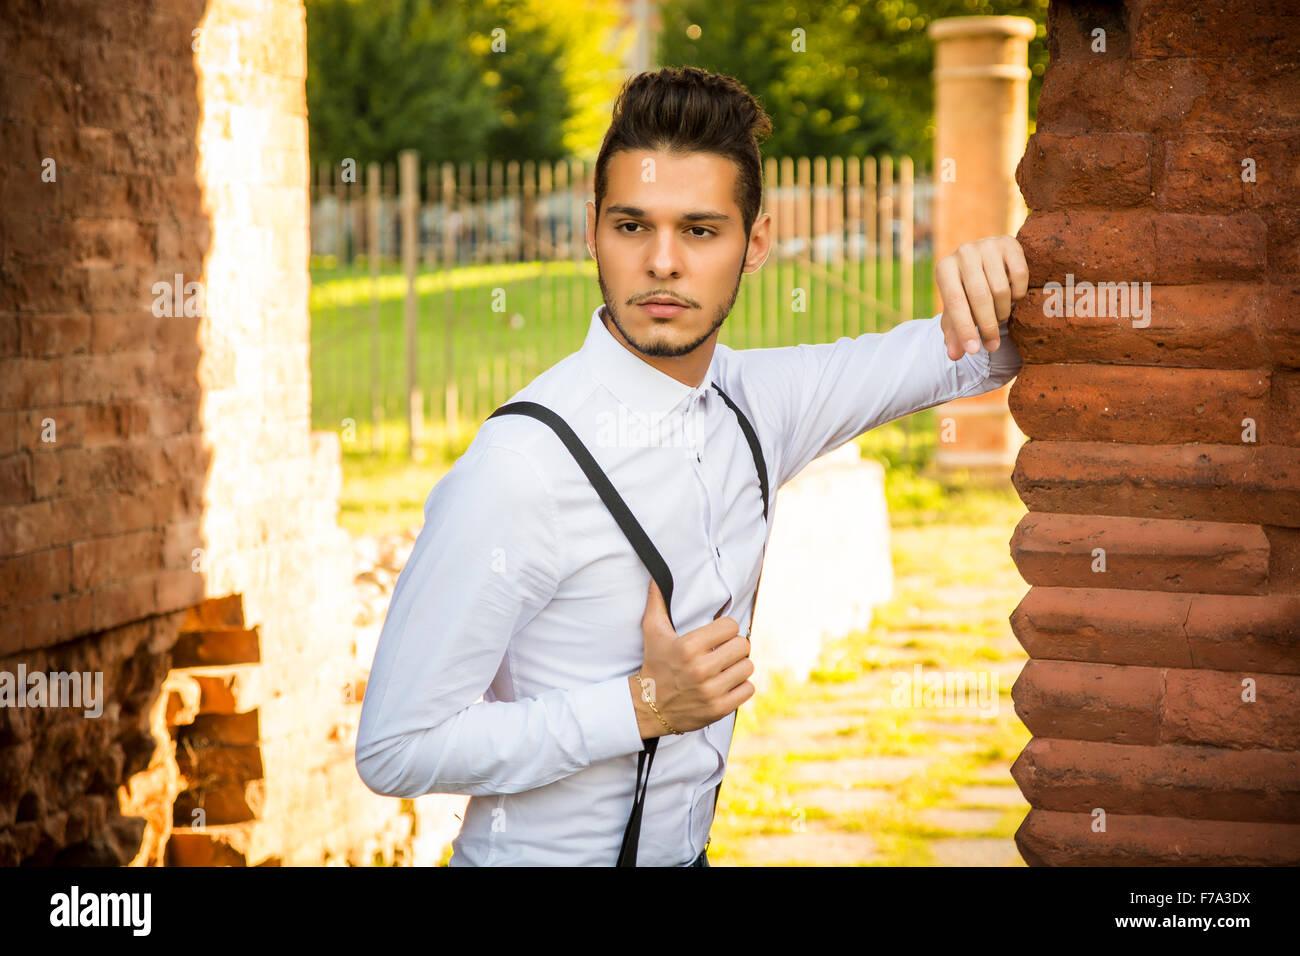 Attraente giovane uomo in piedi, appoggiata contro un muro di mattoni, guardando a un lato, grave. Tre quarti shot Immagini Stock